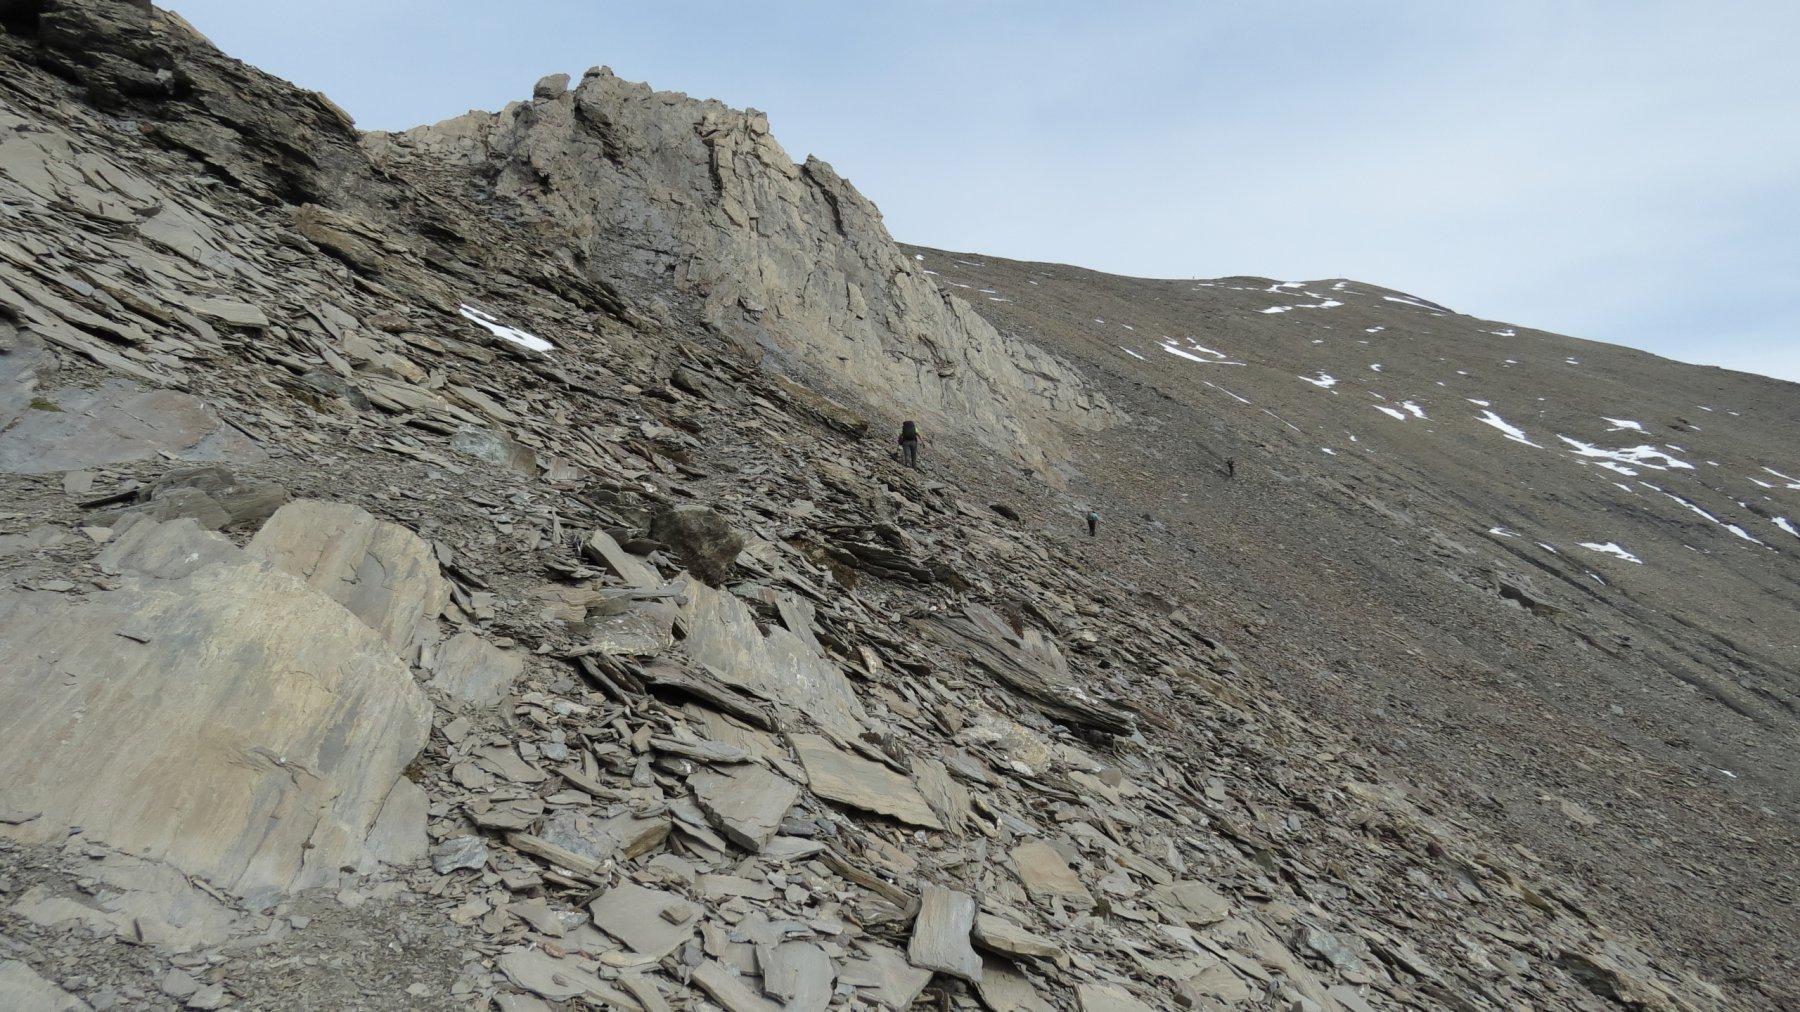 aggirando il risalto roccioso sotto la Cima NO della Punta Nera (24-10-2015)